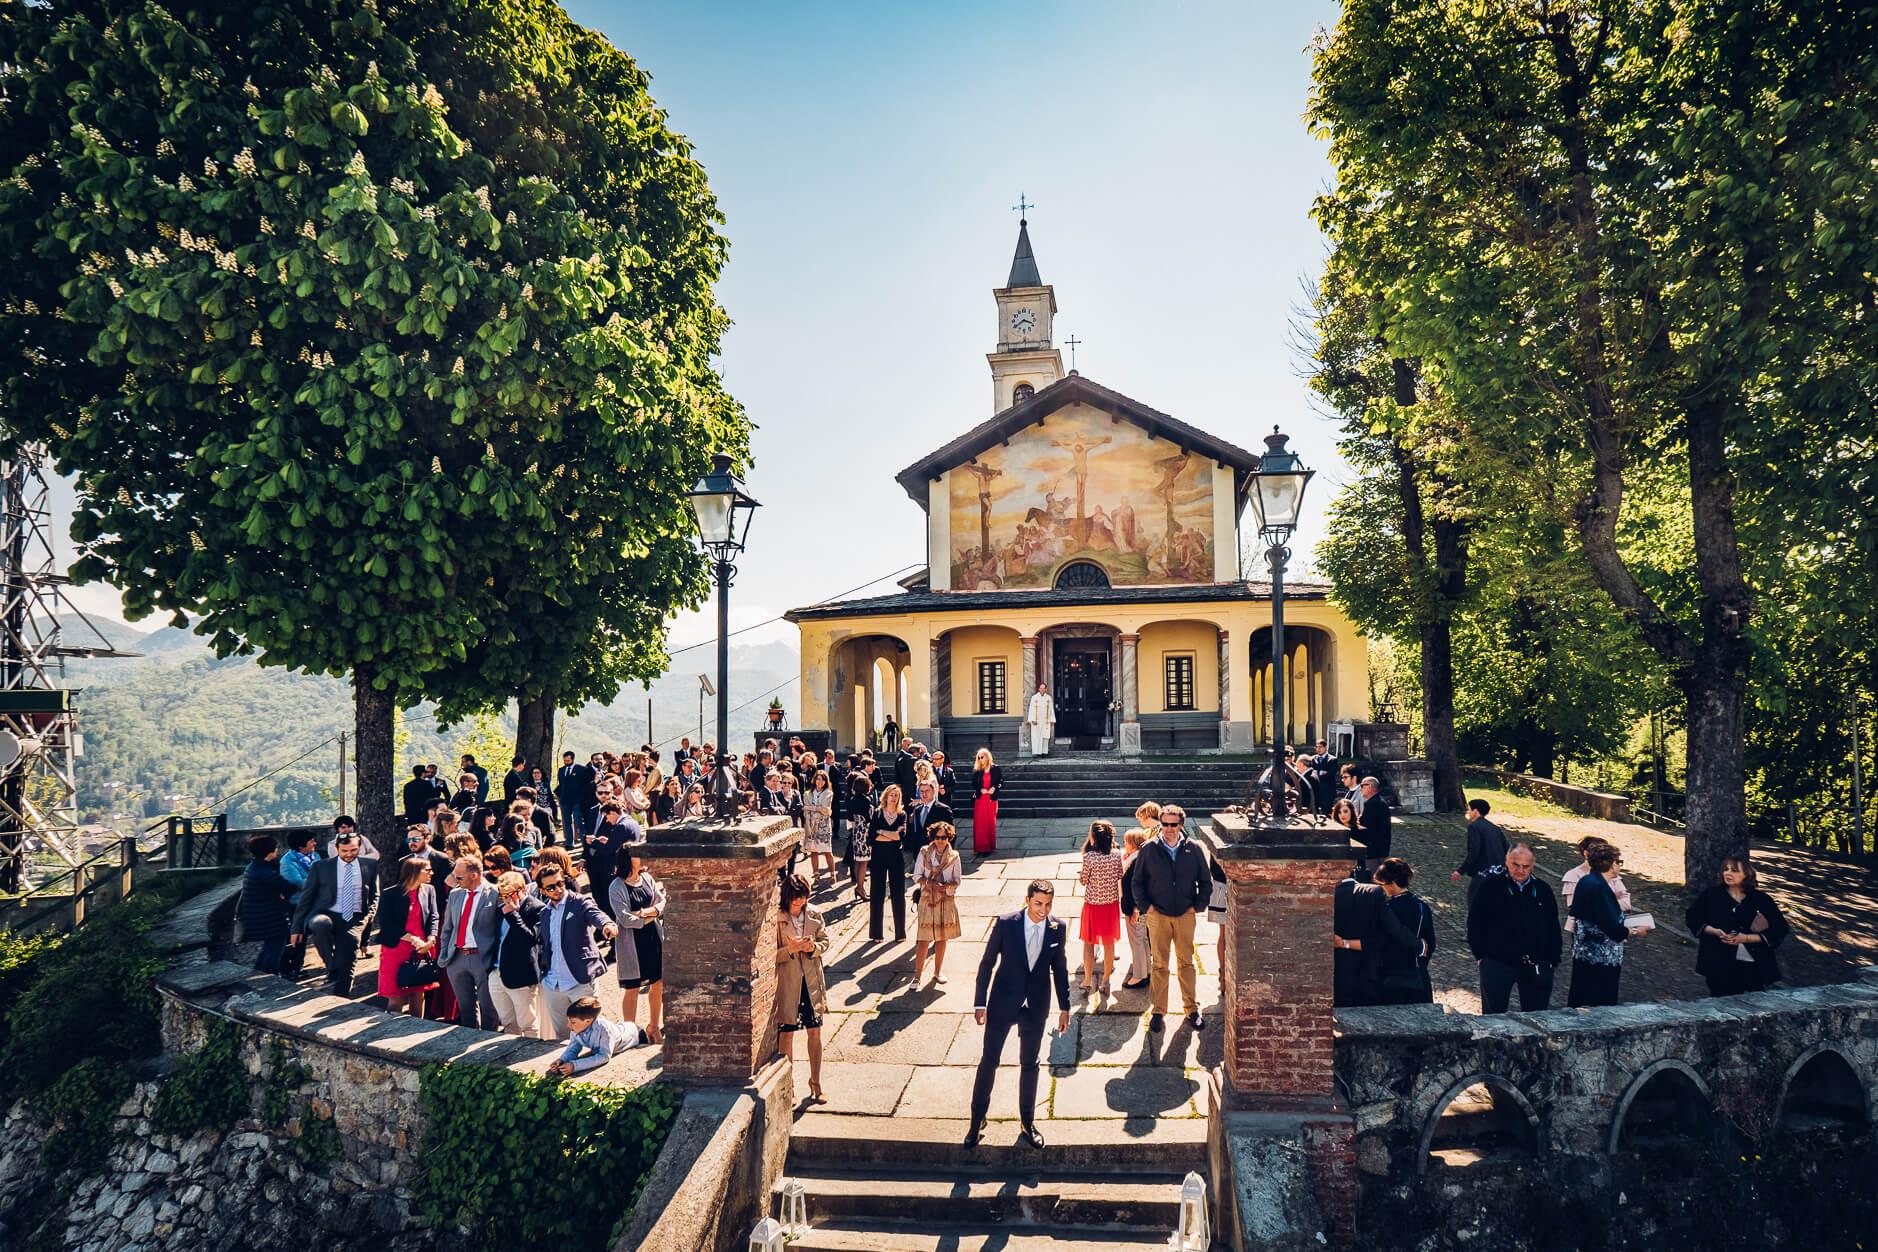 Santuario di monserrato borgo san dalmazzo joyphotographers for Materassi borgo san dalmazzo